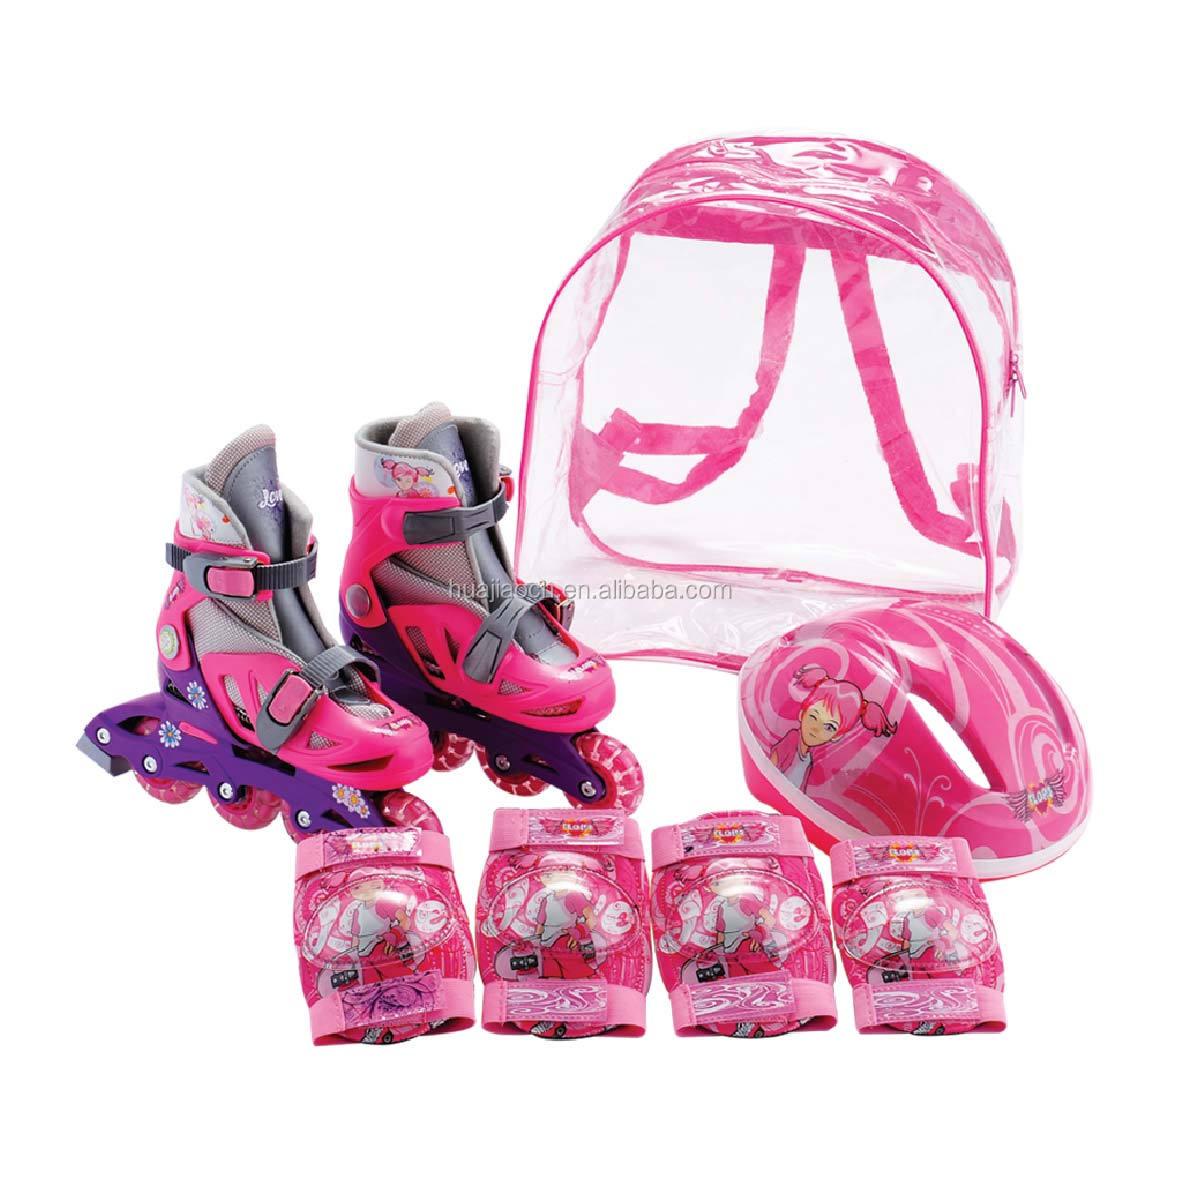 Roller shoes walmart - Kids Roller Skate Shoes